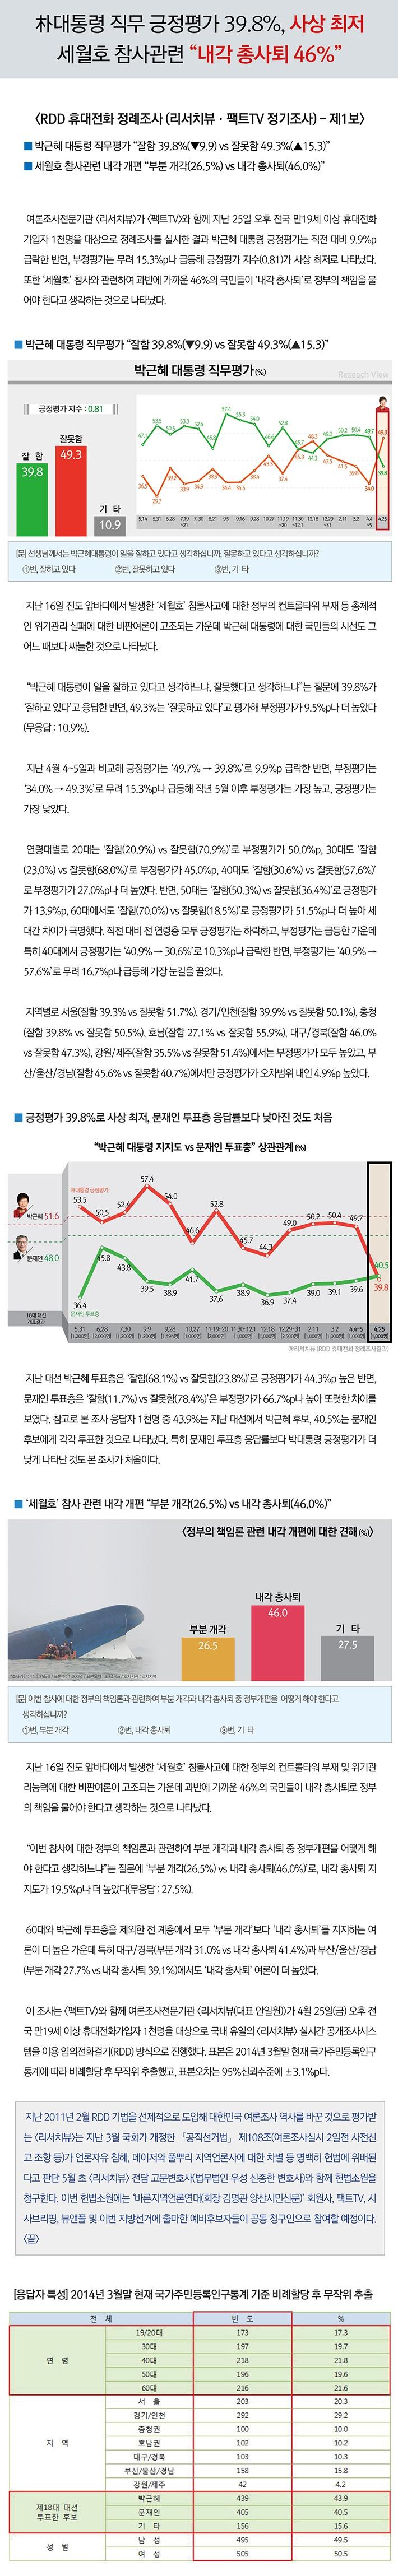 박근혜 지지도 20140427.jpg